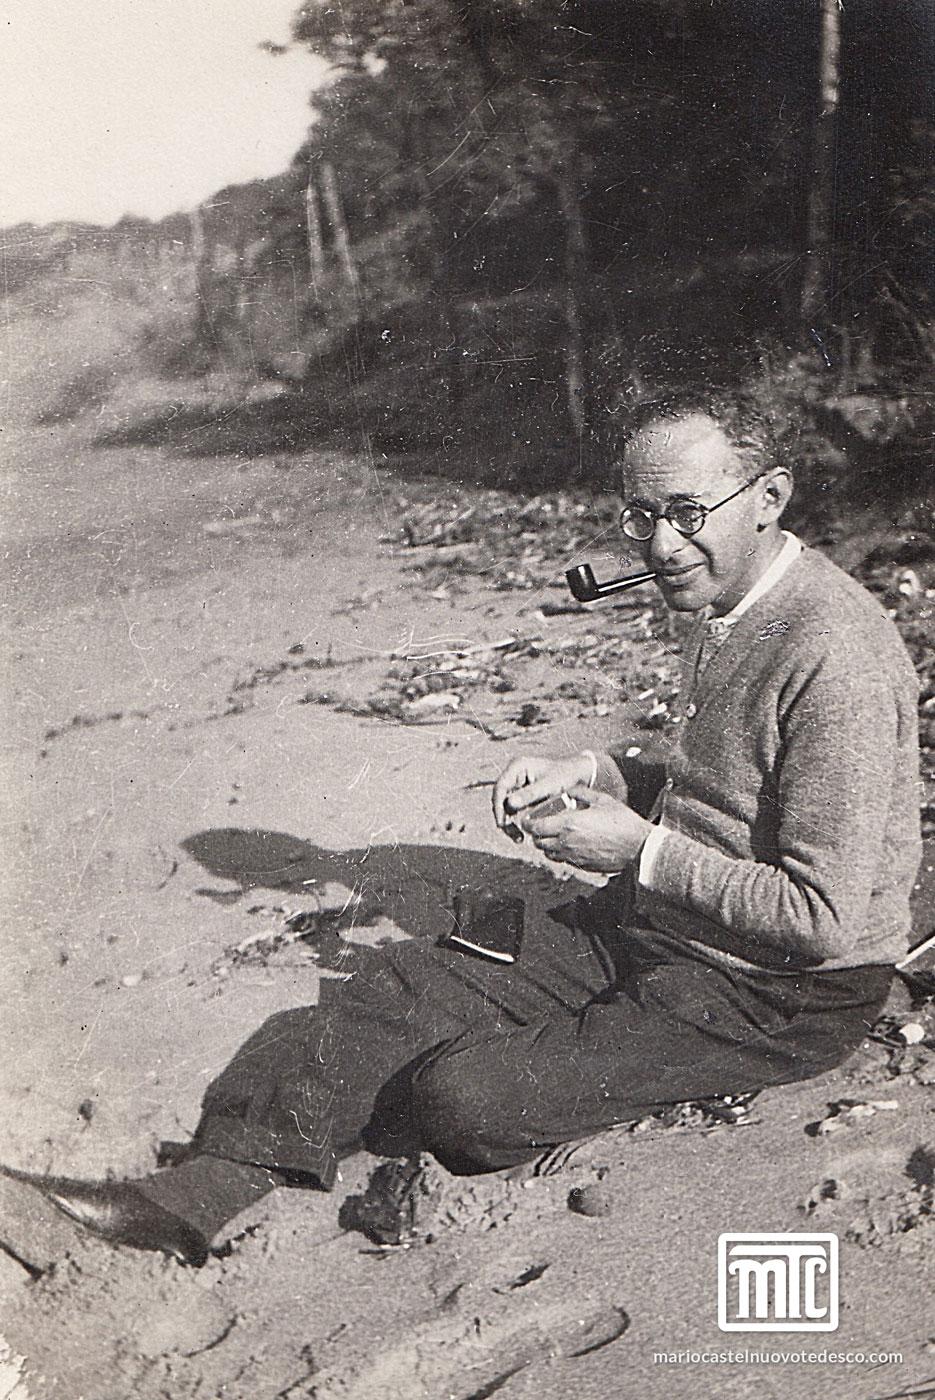 MCT, Castiglioncello, 1932